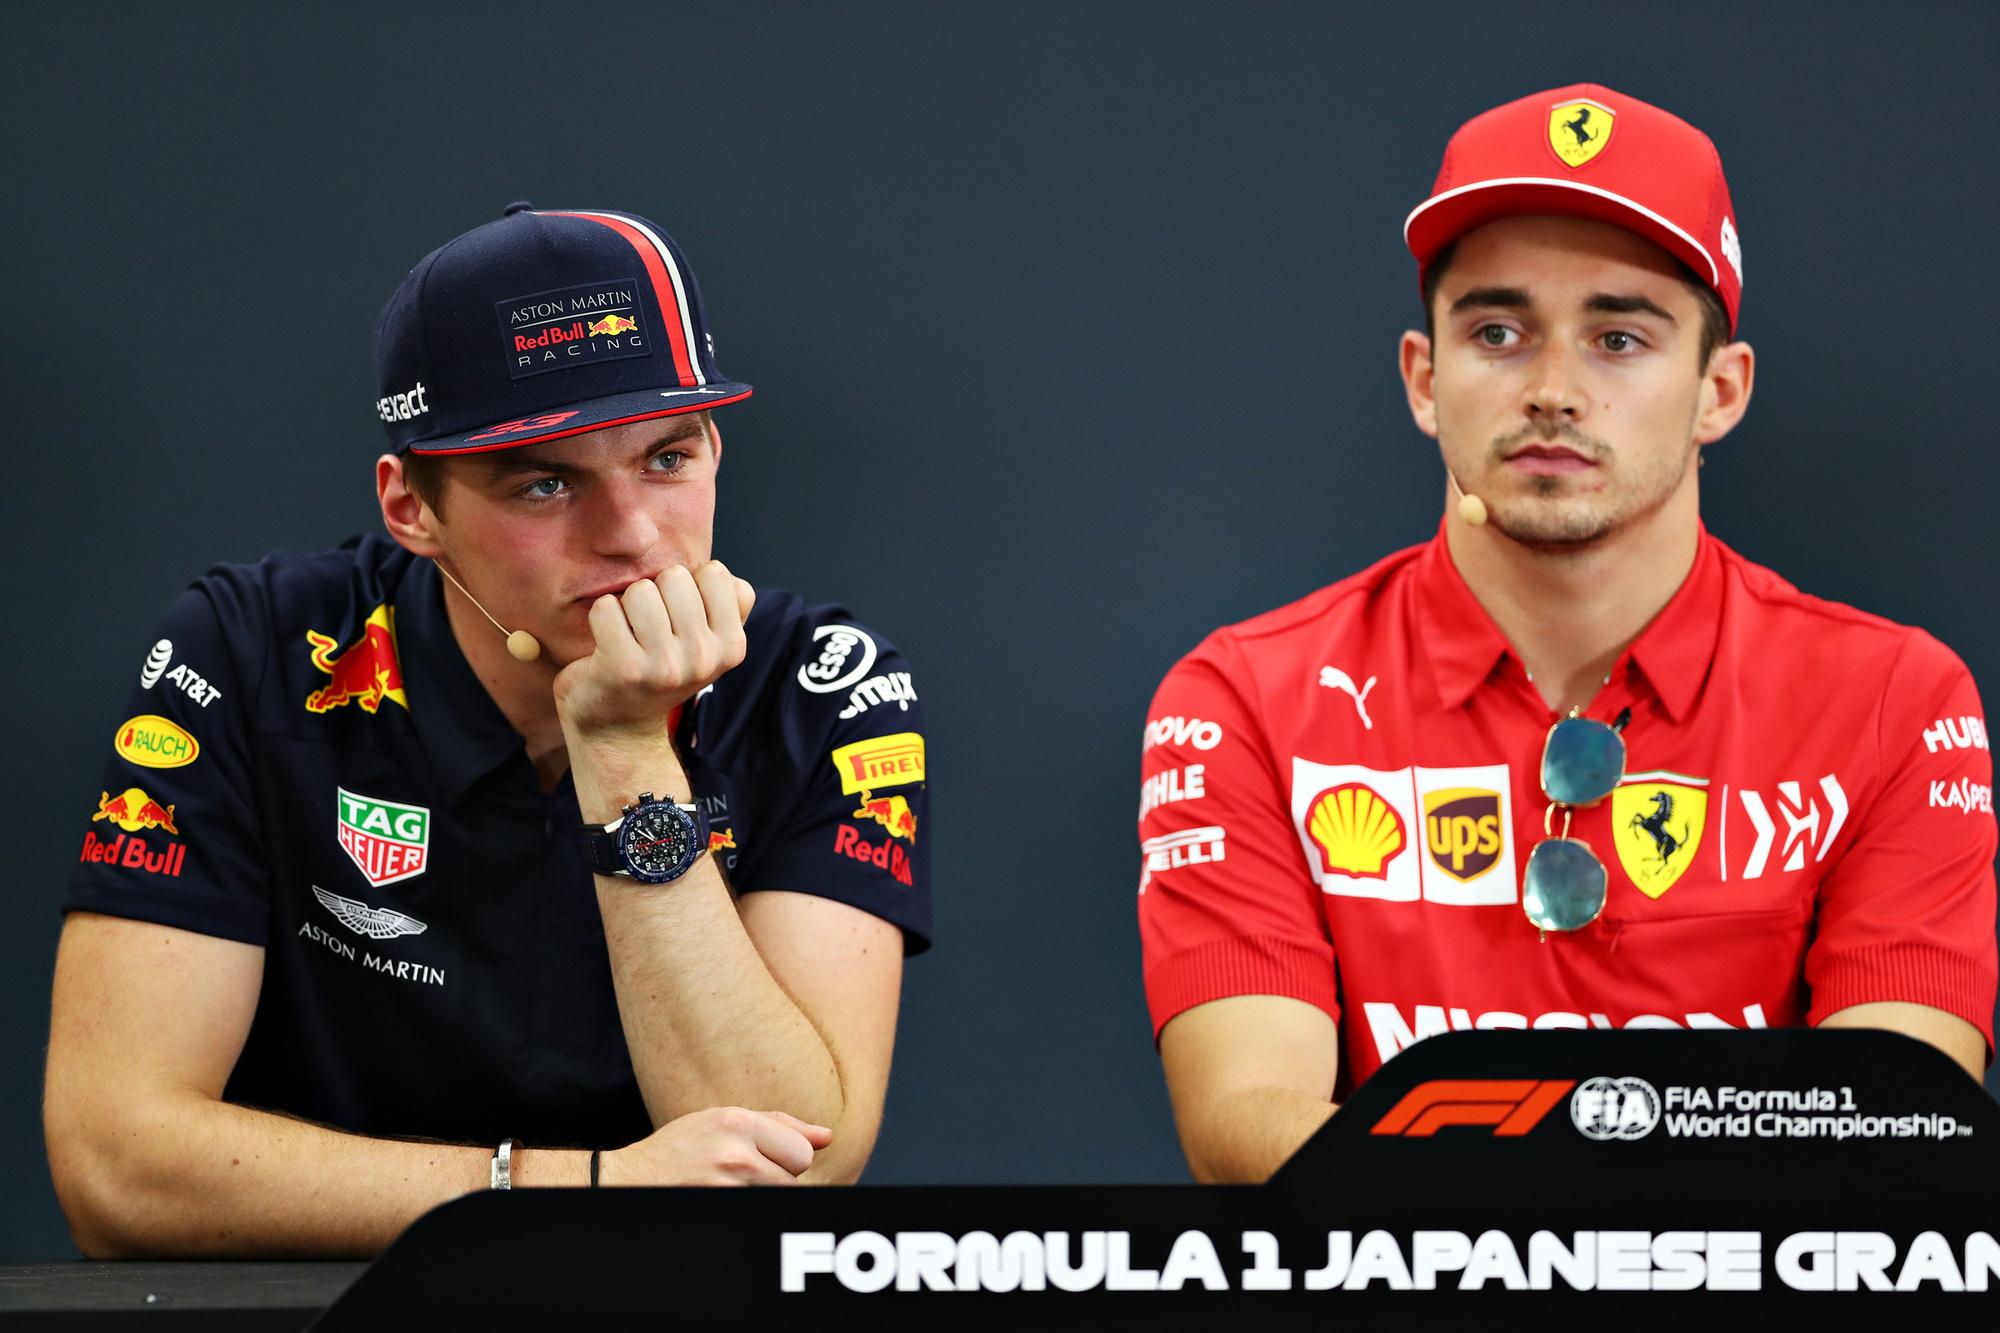 Wie wordt de grootste uitdager van Lewis Hamilton? Max Verstappen of Charles Leclerc?, GETTY